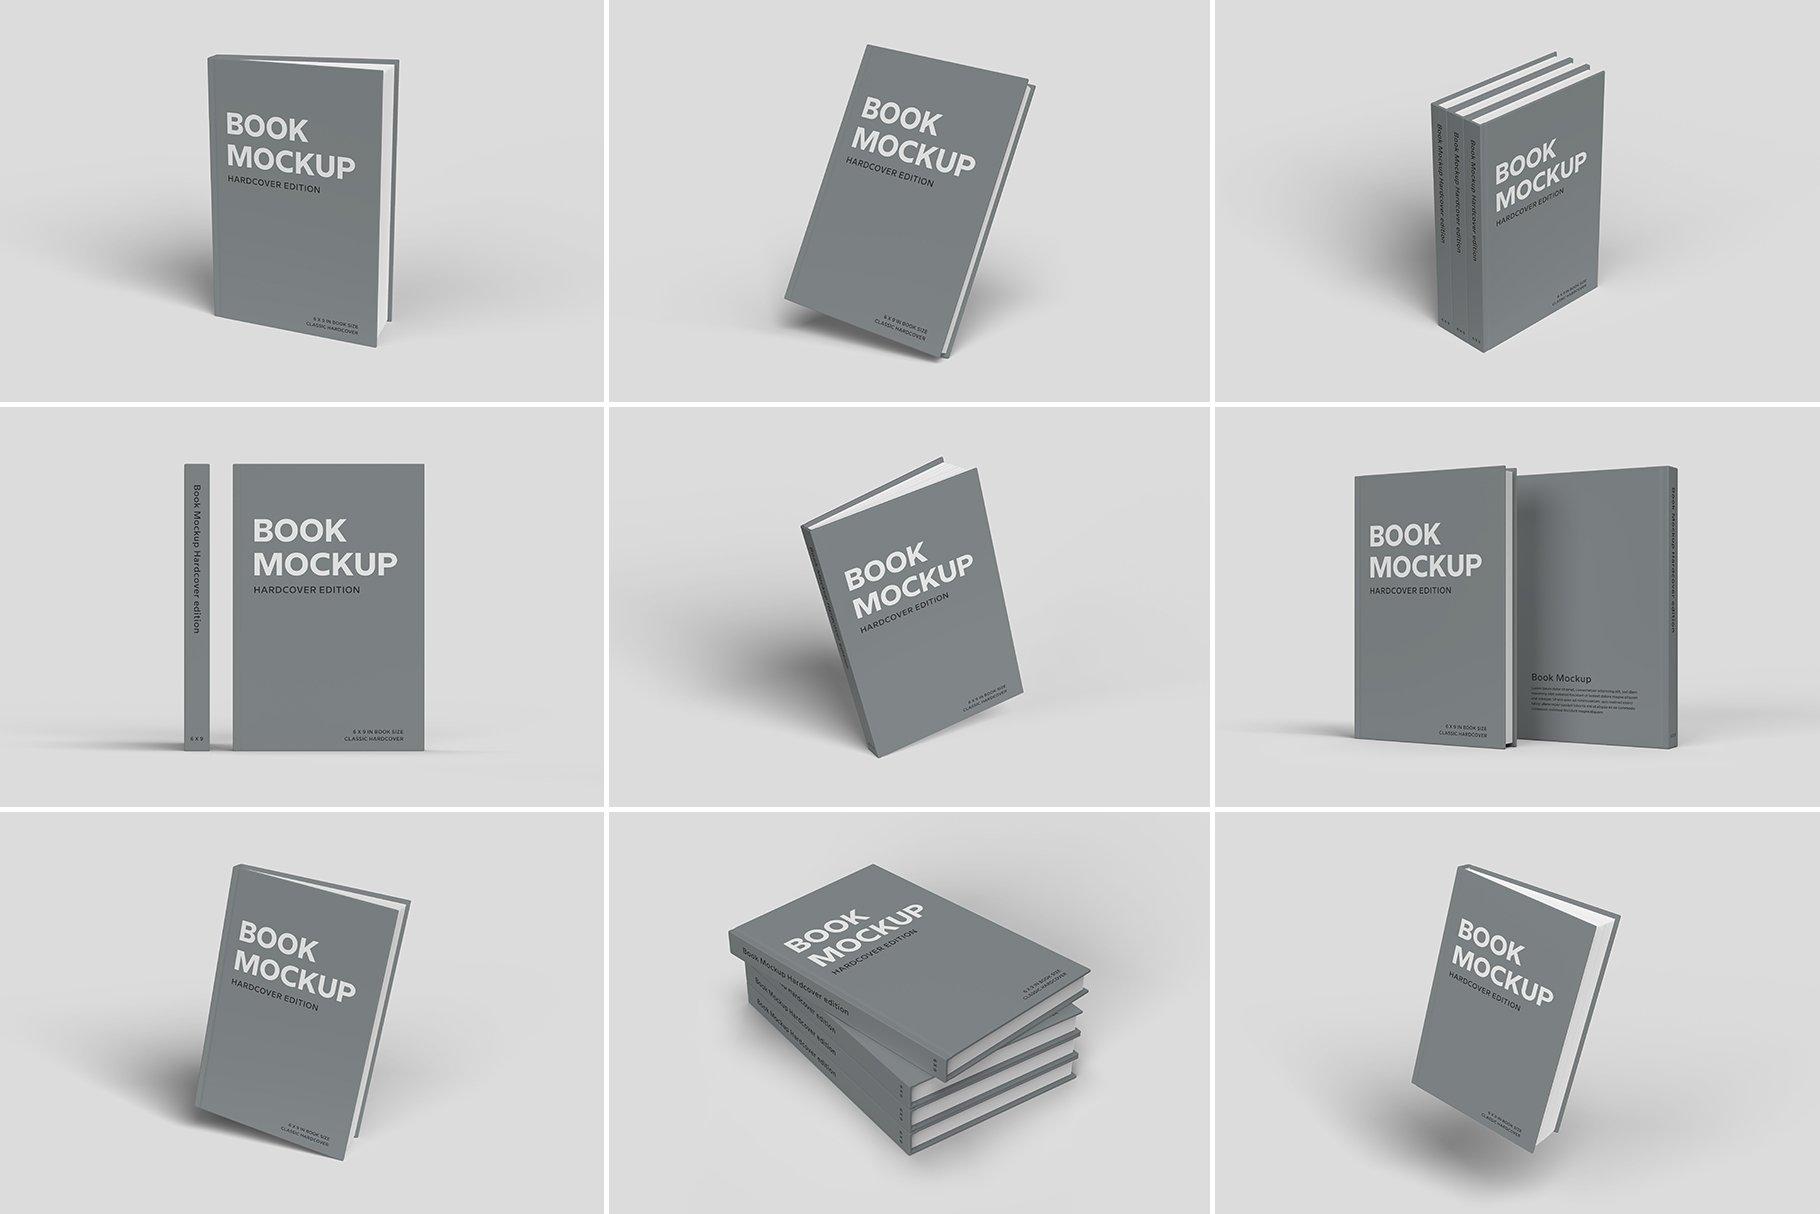 精装书硬皮书画册设计展示贴图样机 Hardcover Book Mockup插图